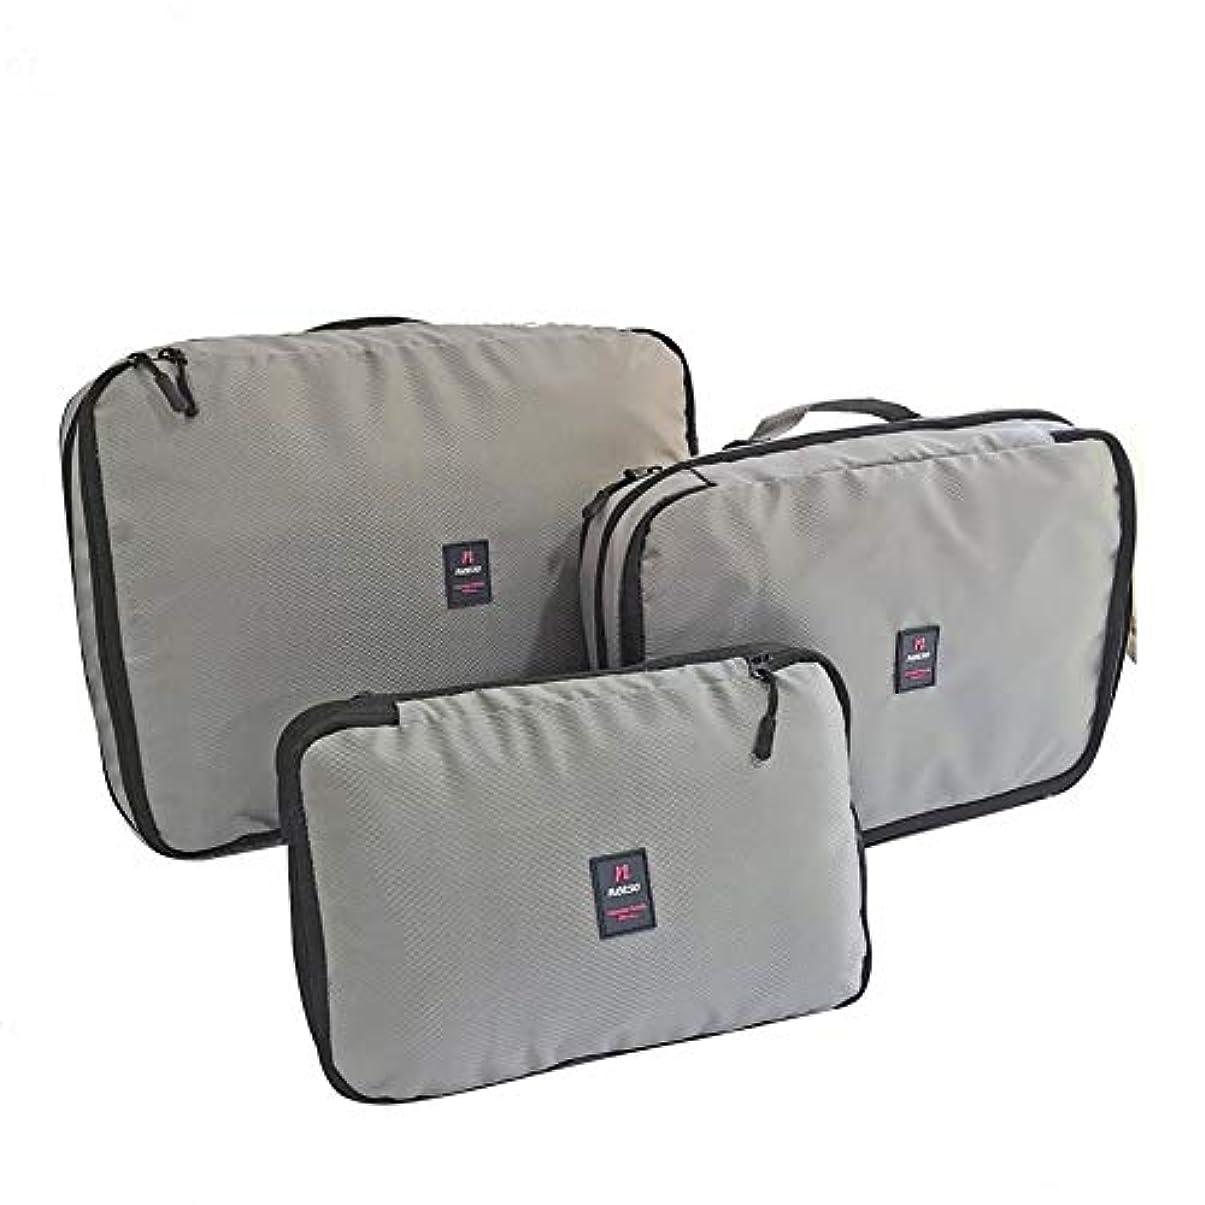 発音する債務お願いしますcoldwhite 3個 圧縮パッキング プロパッキングキューブ 無料の荷物ストラップ付きの旅行-ダッフルウィークエンドバッグへの整理された旅行のパッキングに最適 グレー